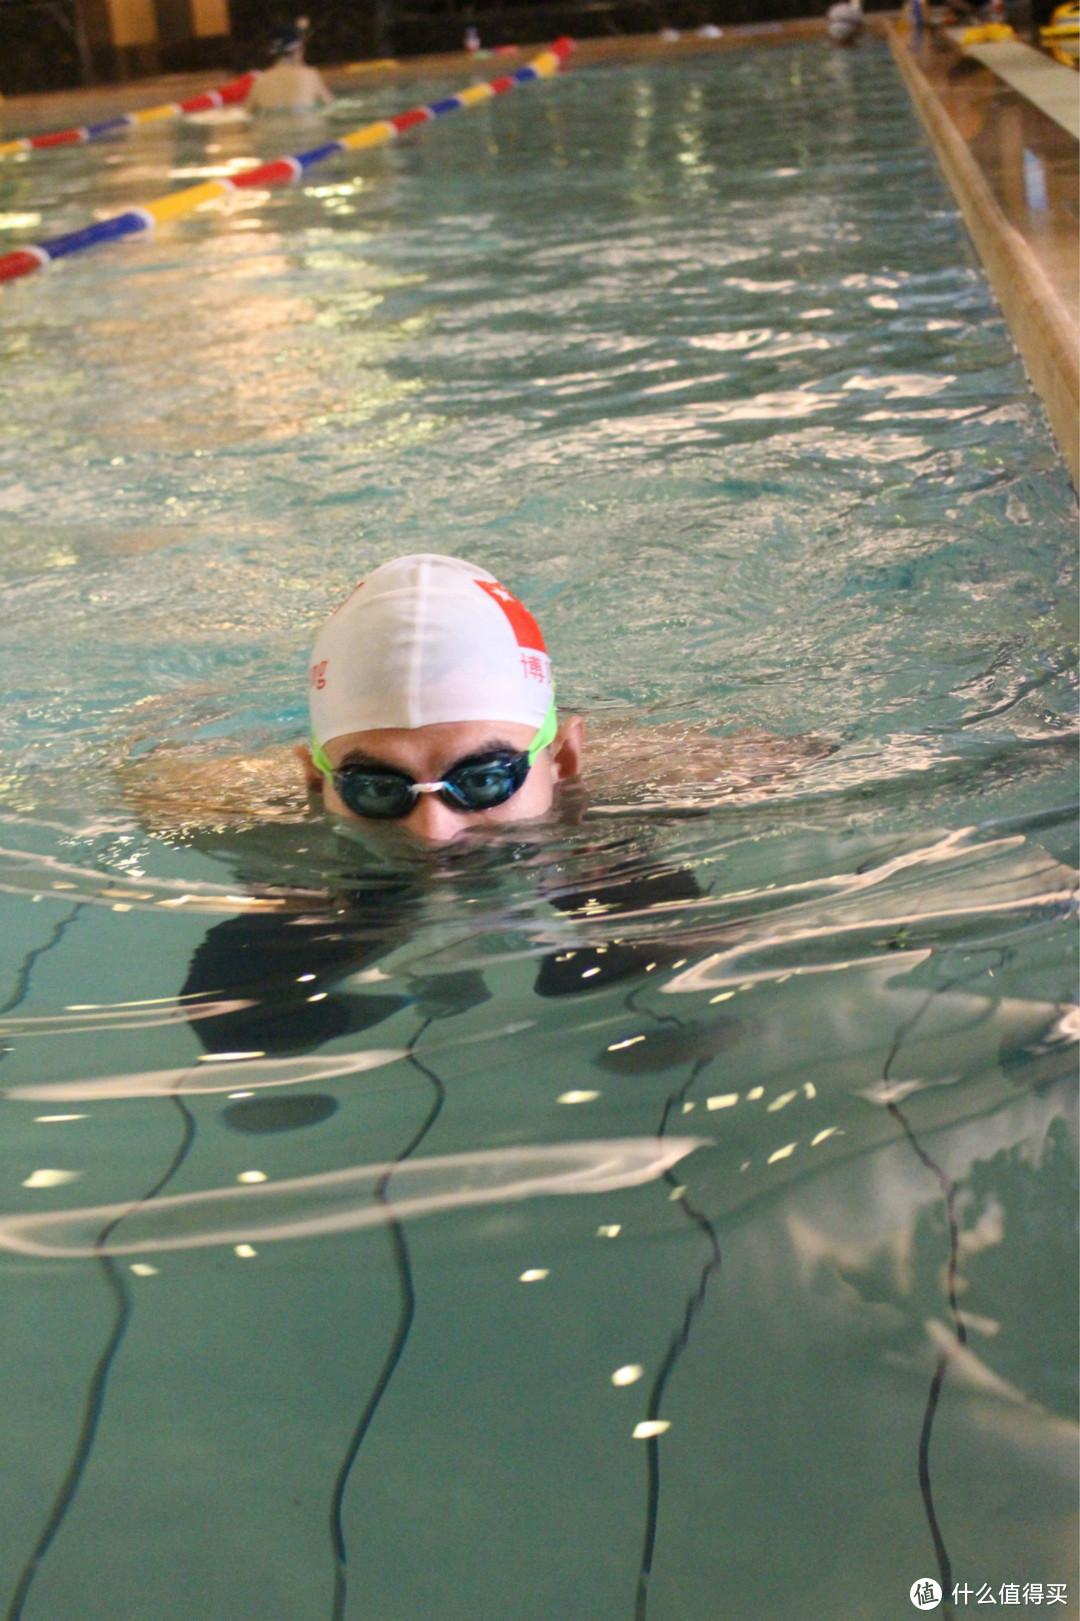 高性价比竞速泳镜:Decathlon 迪卡侬 B-Fast 泳镜 使用体验